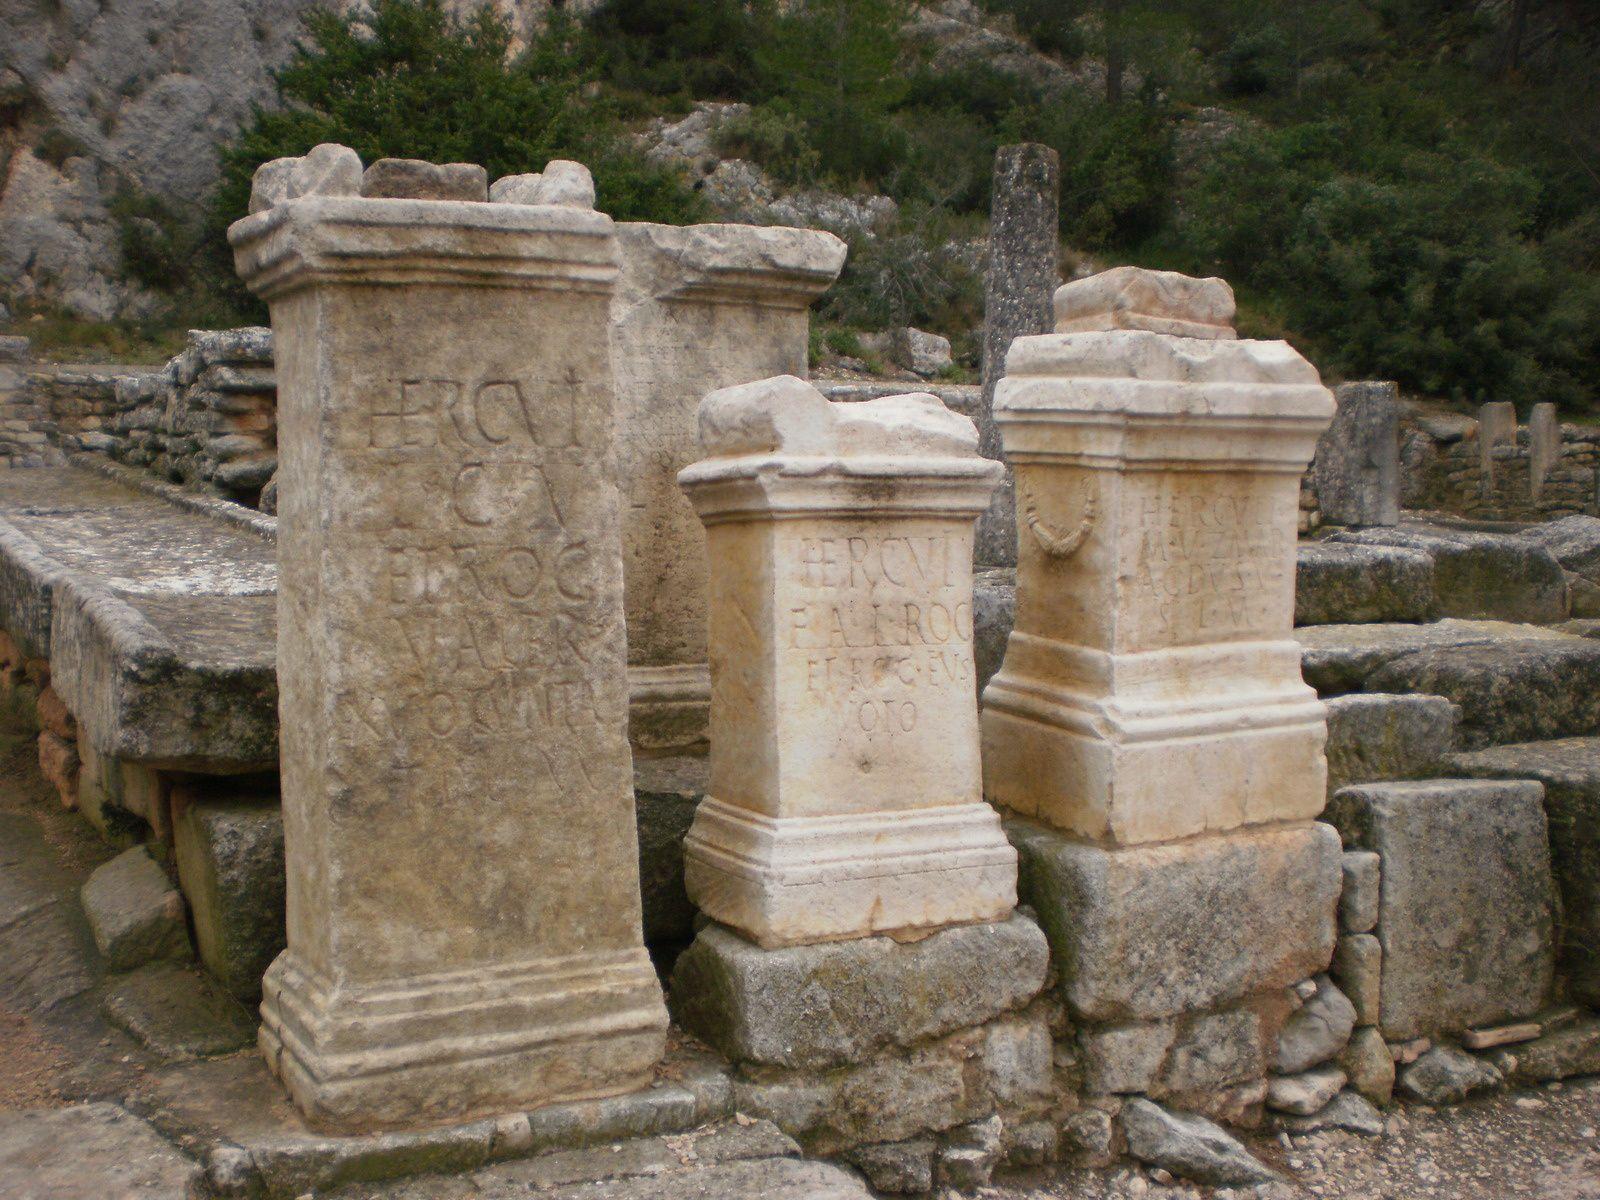 Le site archéologique de Glanum (St Rémy de Provence)